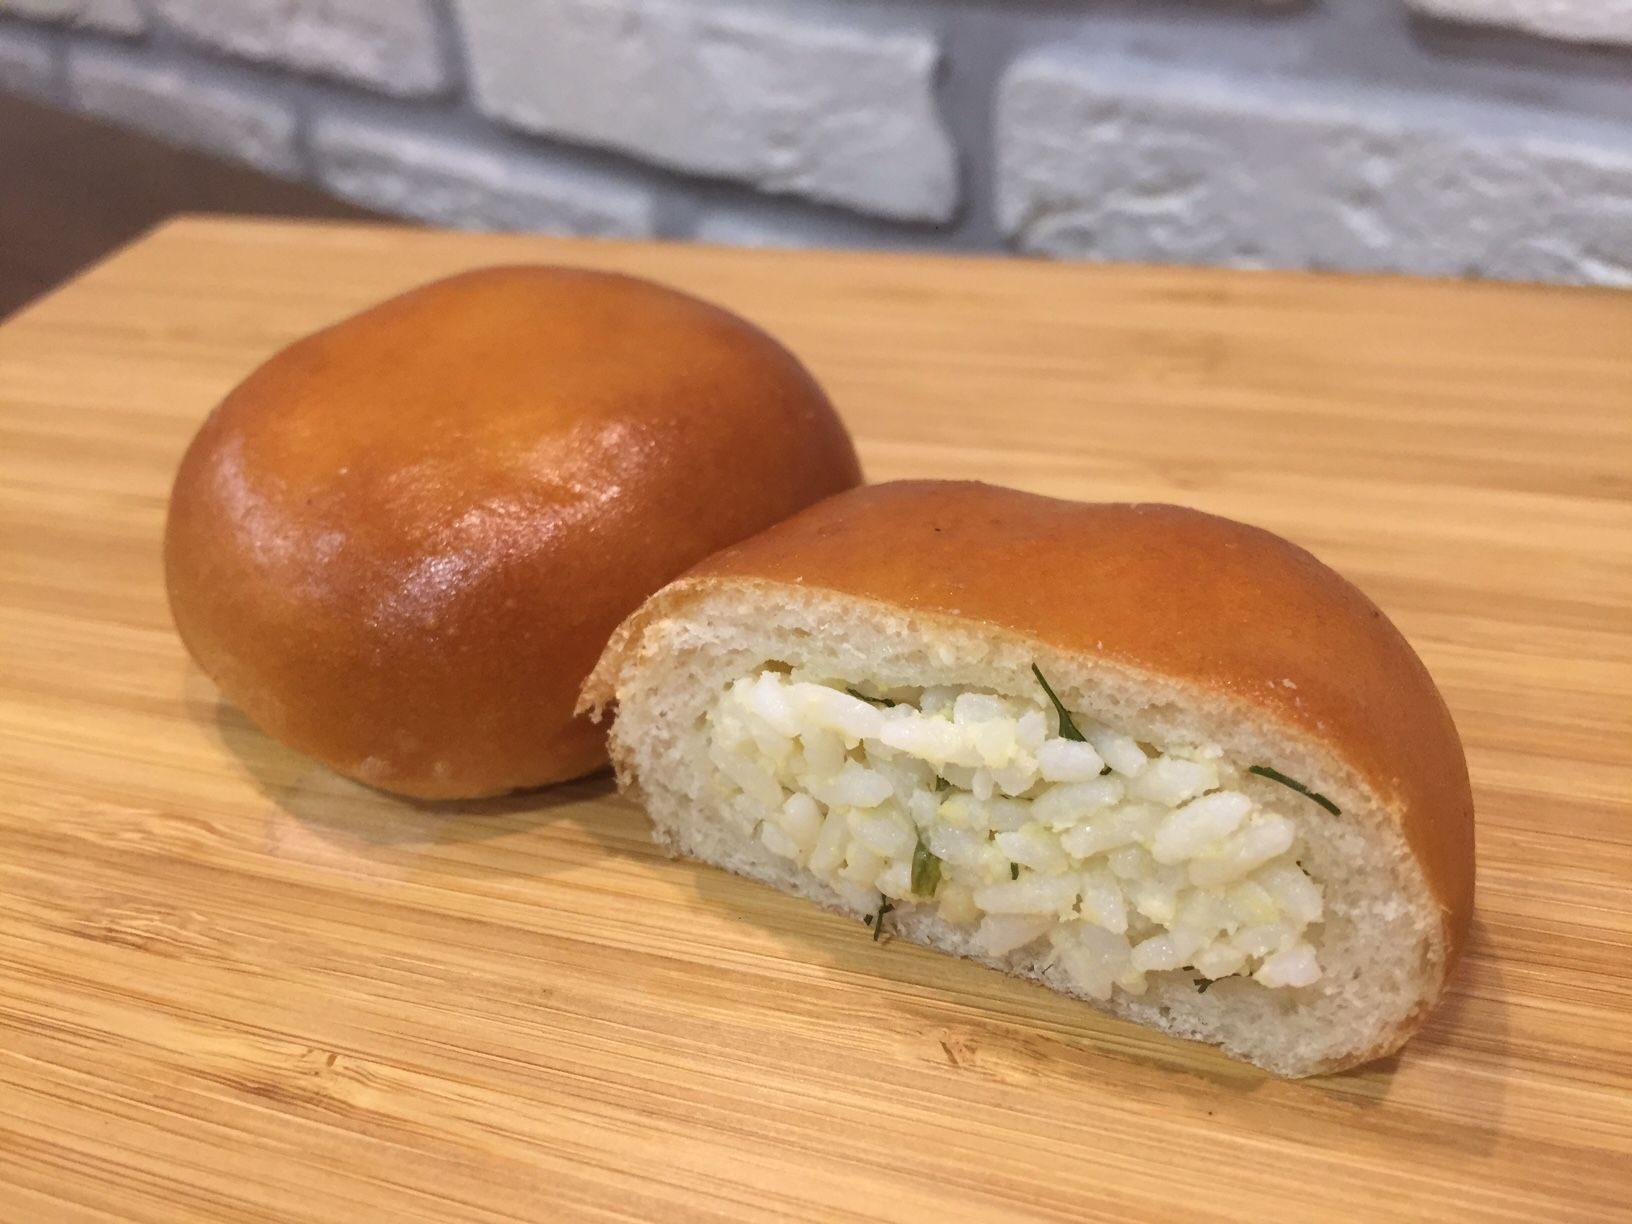 Пирожки с рисом, луком и яйцом - кулинарный рецепт 53